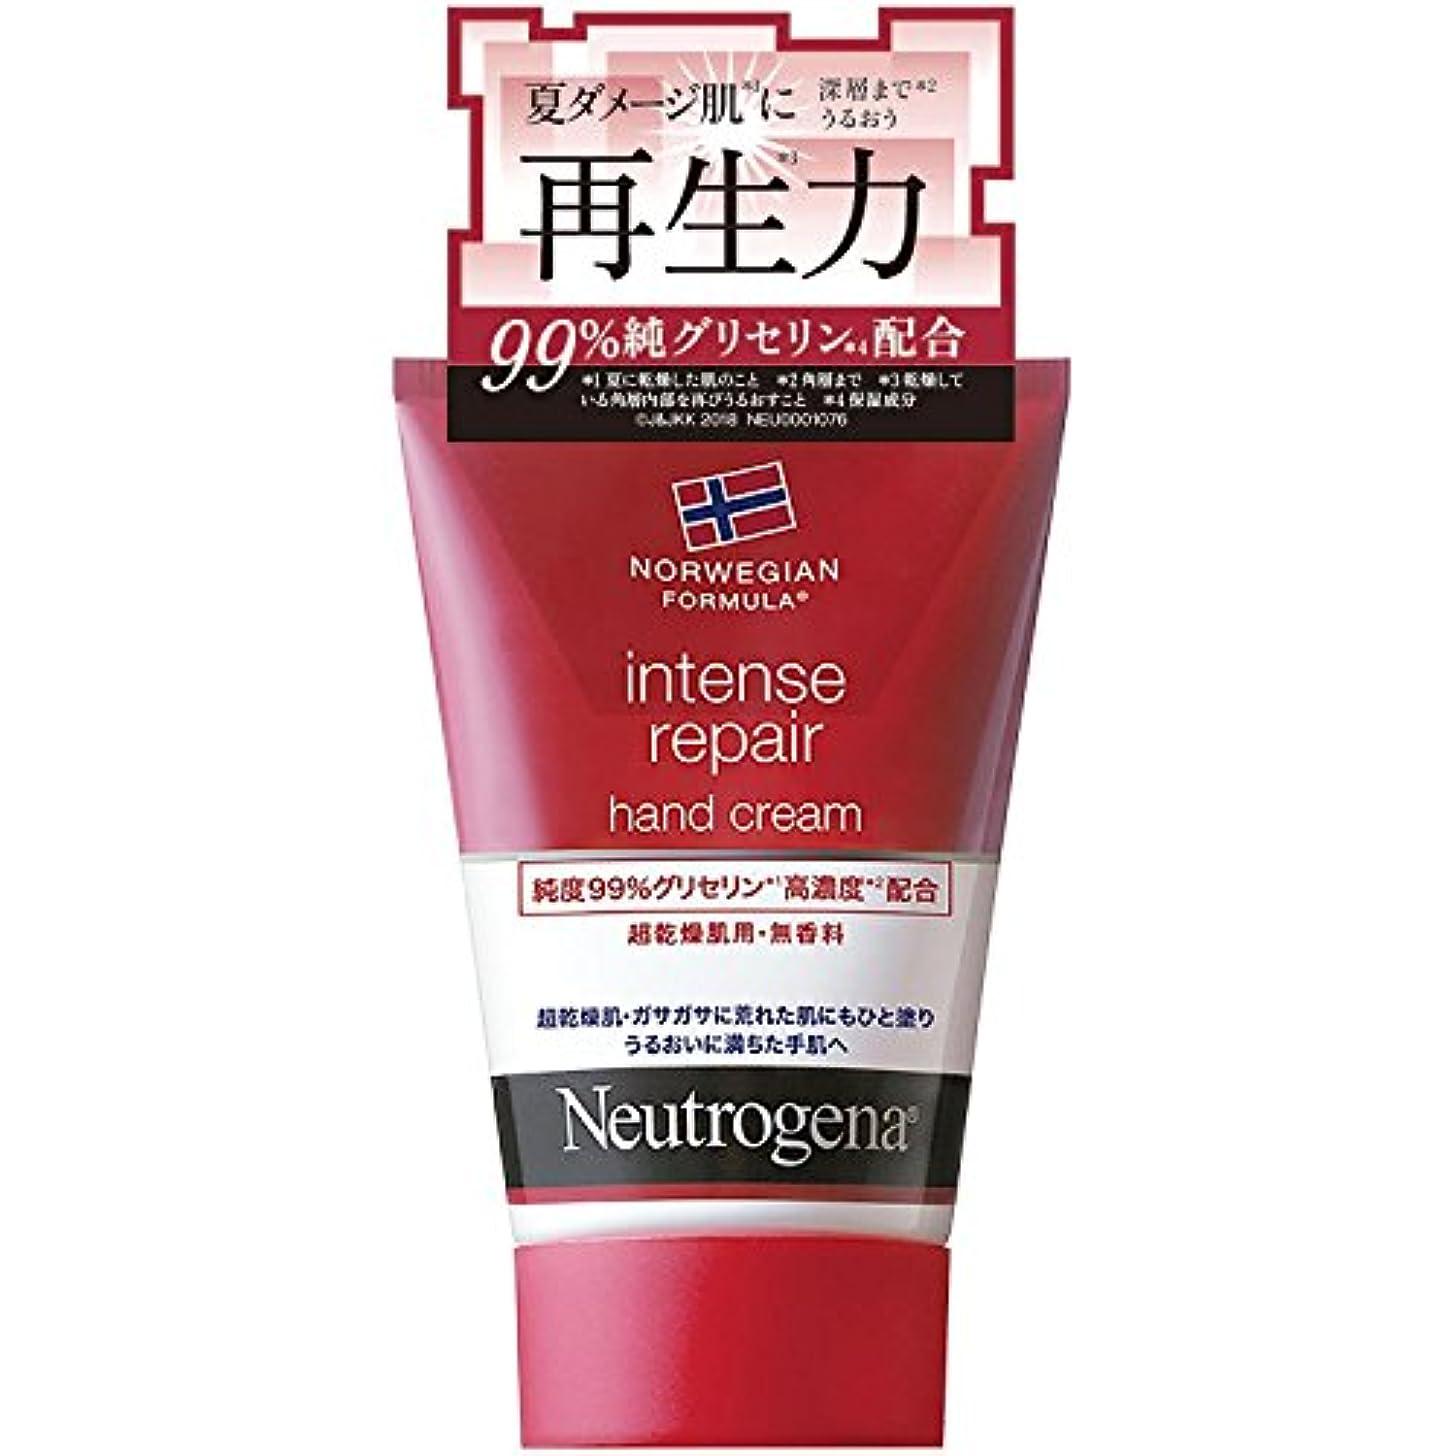 雄大な出します理解するNeutrogena(ニュートロジーナ) ノルウェーフォーミュラ インテンスリペア ハンドクリーム 超乾燥肌用 無香料 単品 50g